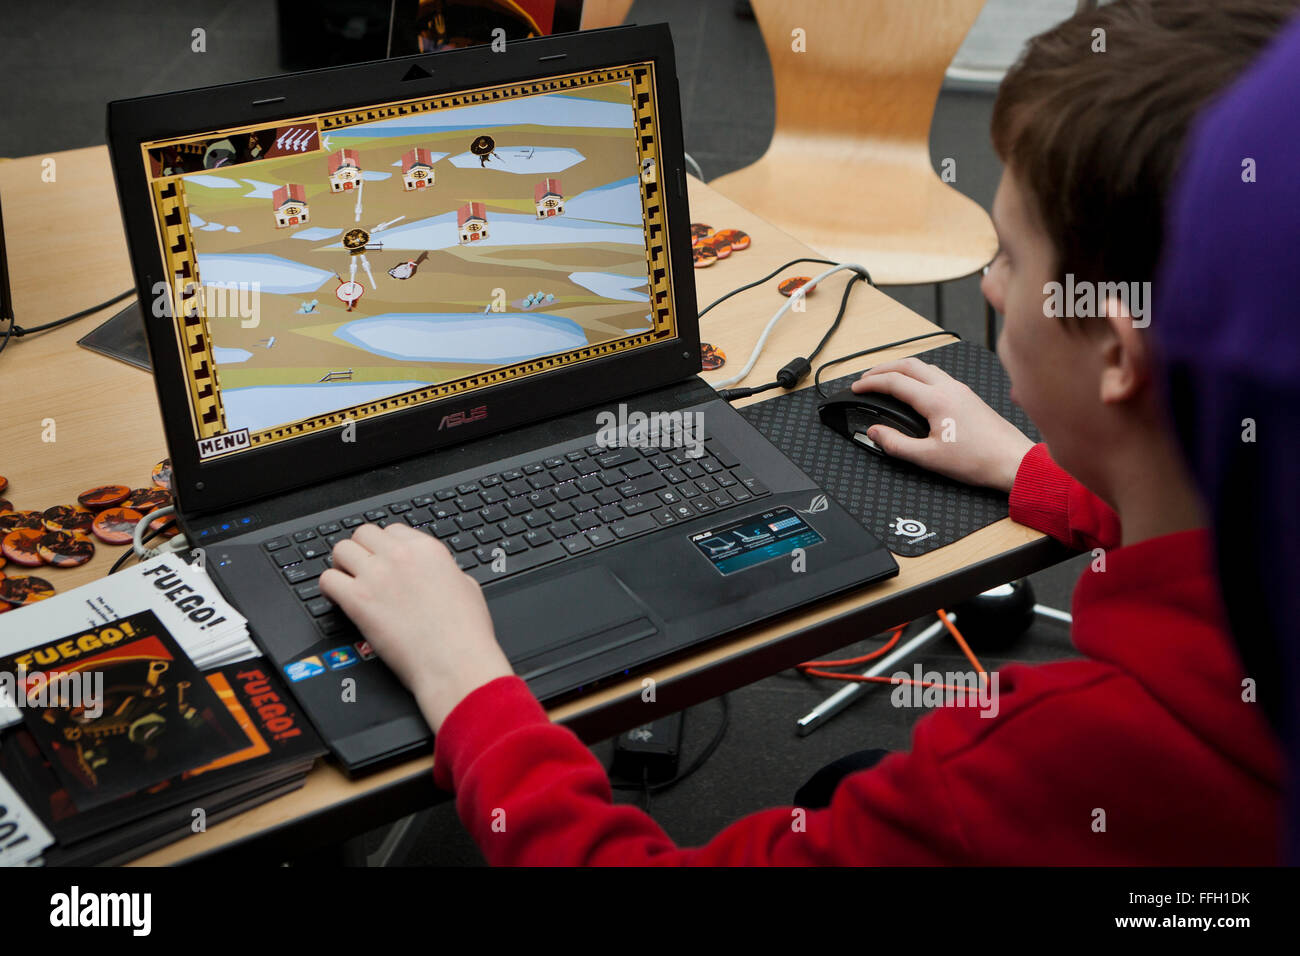 Jeune homme jouant jeu vidéo sur ordinateur portable Asus - USA Photo Stock